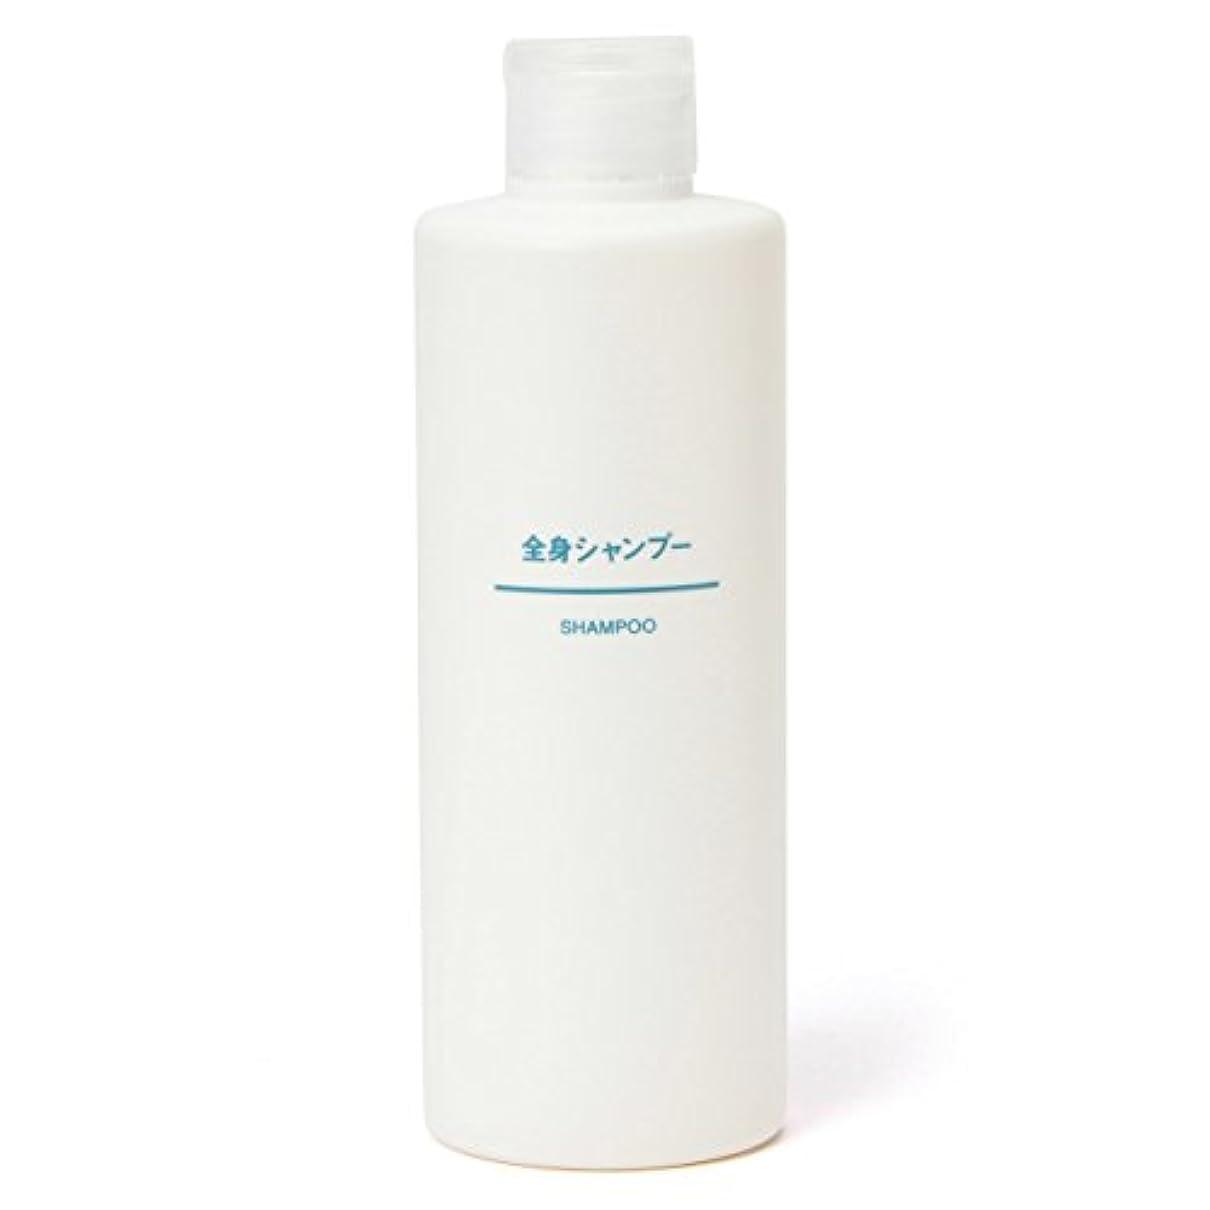 安全哀カンガルー無印良品 全身シャンプー 300ml 日本製